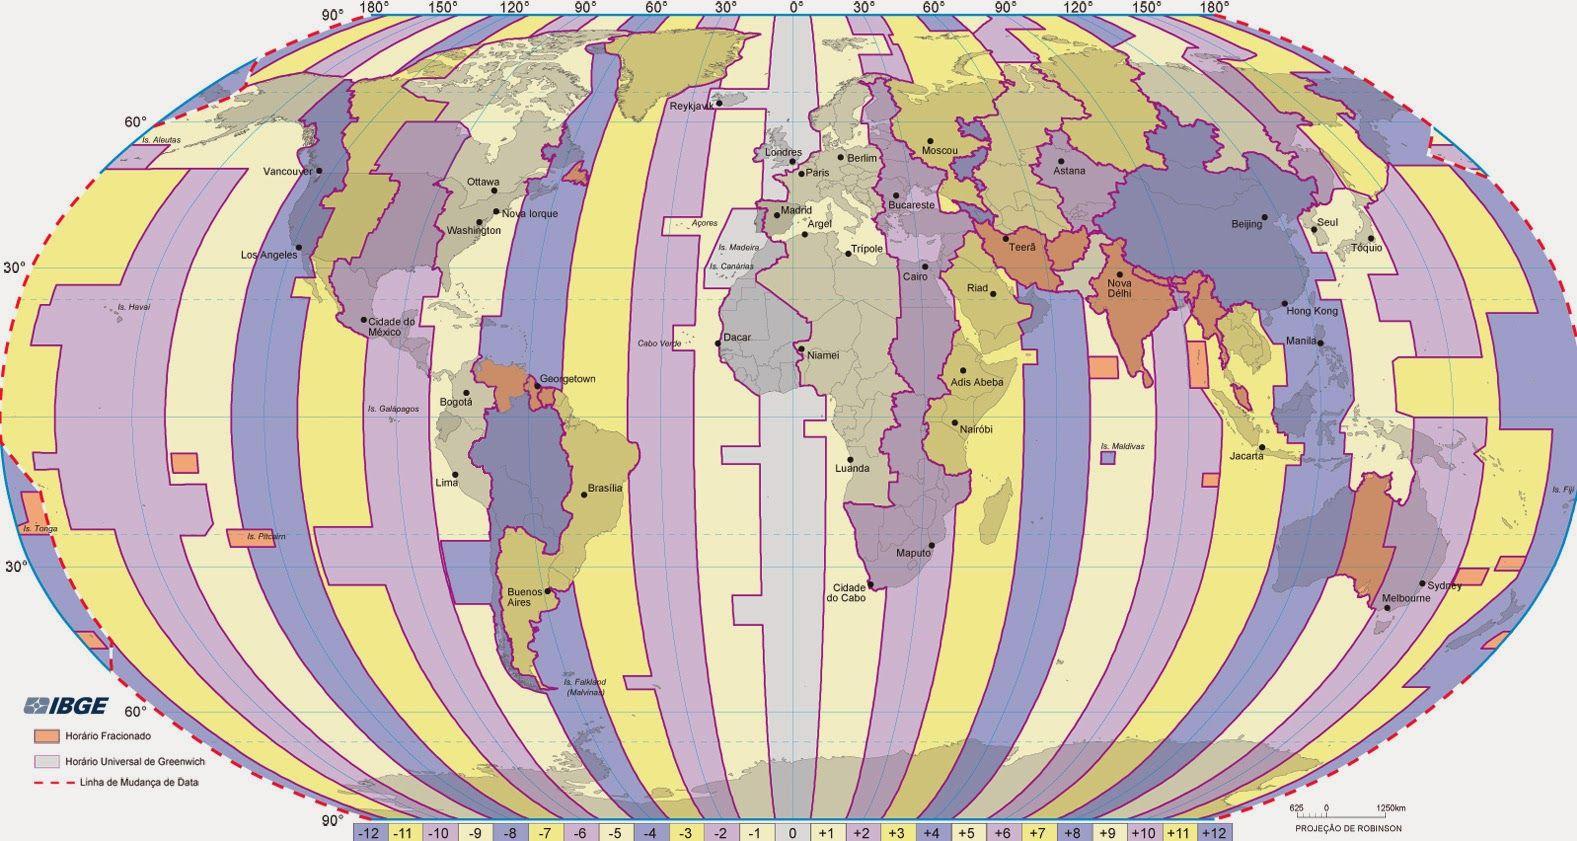 Fuso horrio Mapa e conceito em geografia  Estudo Prtico